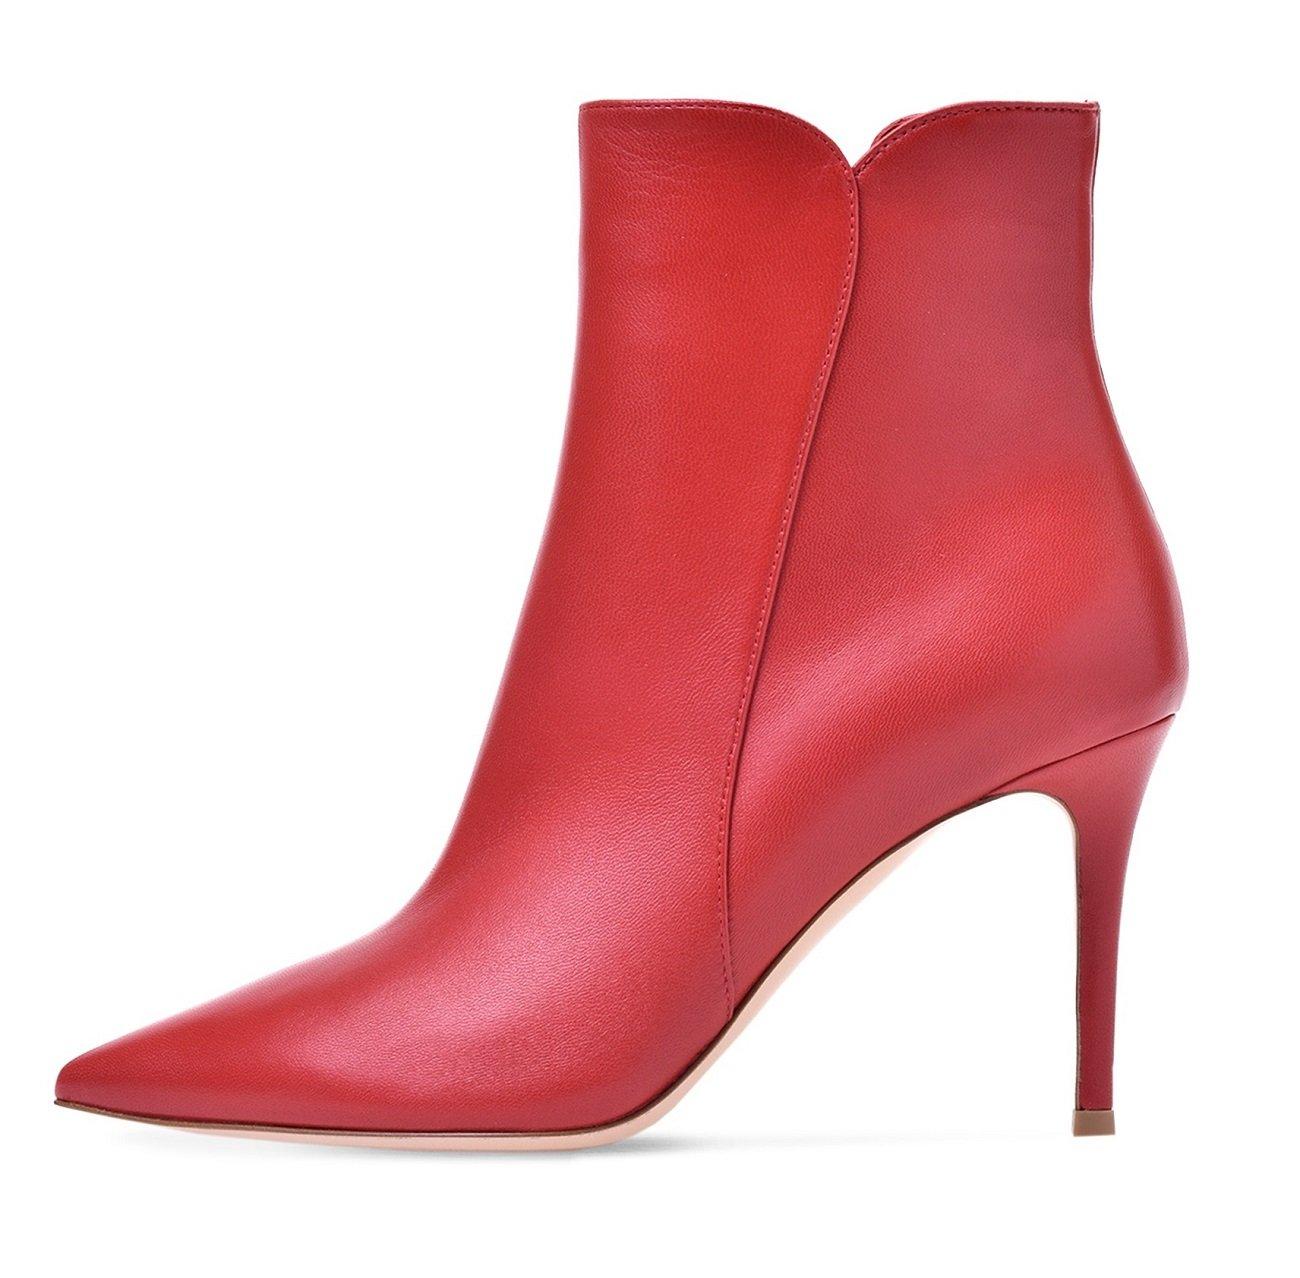 Soireelady Bottine à Talon - Haut Hiver - B00GRXHDUE Femme - Bottes pour femmes - Hiver Chaussures Taille Grande Rouge 772fe0b - conorscully.space